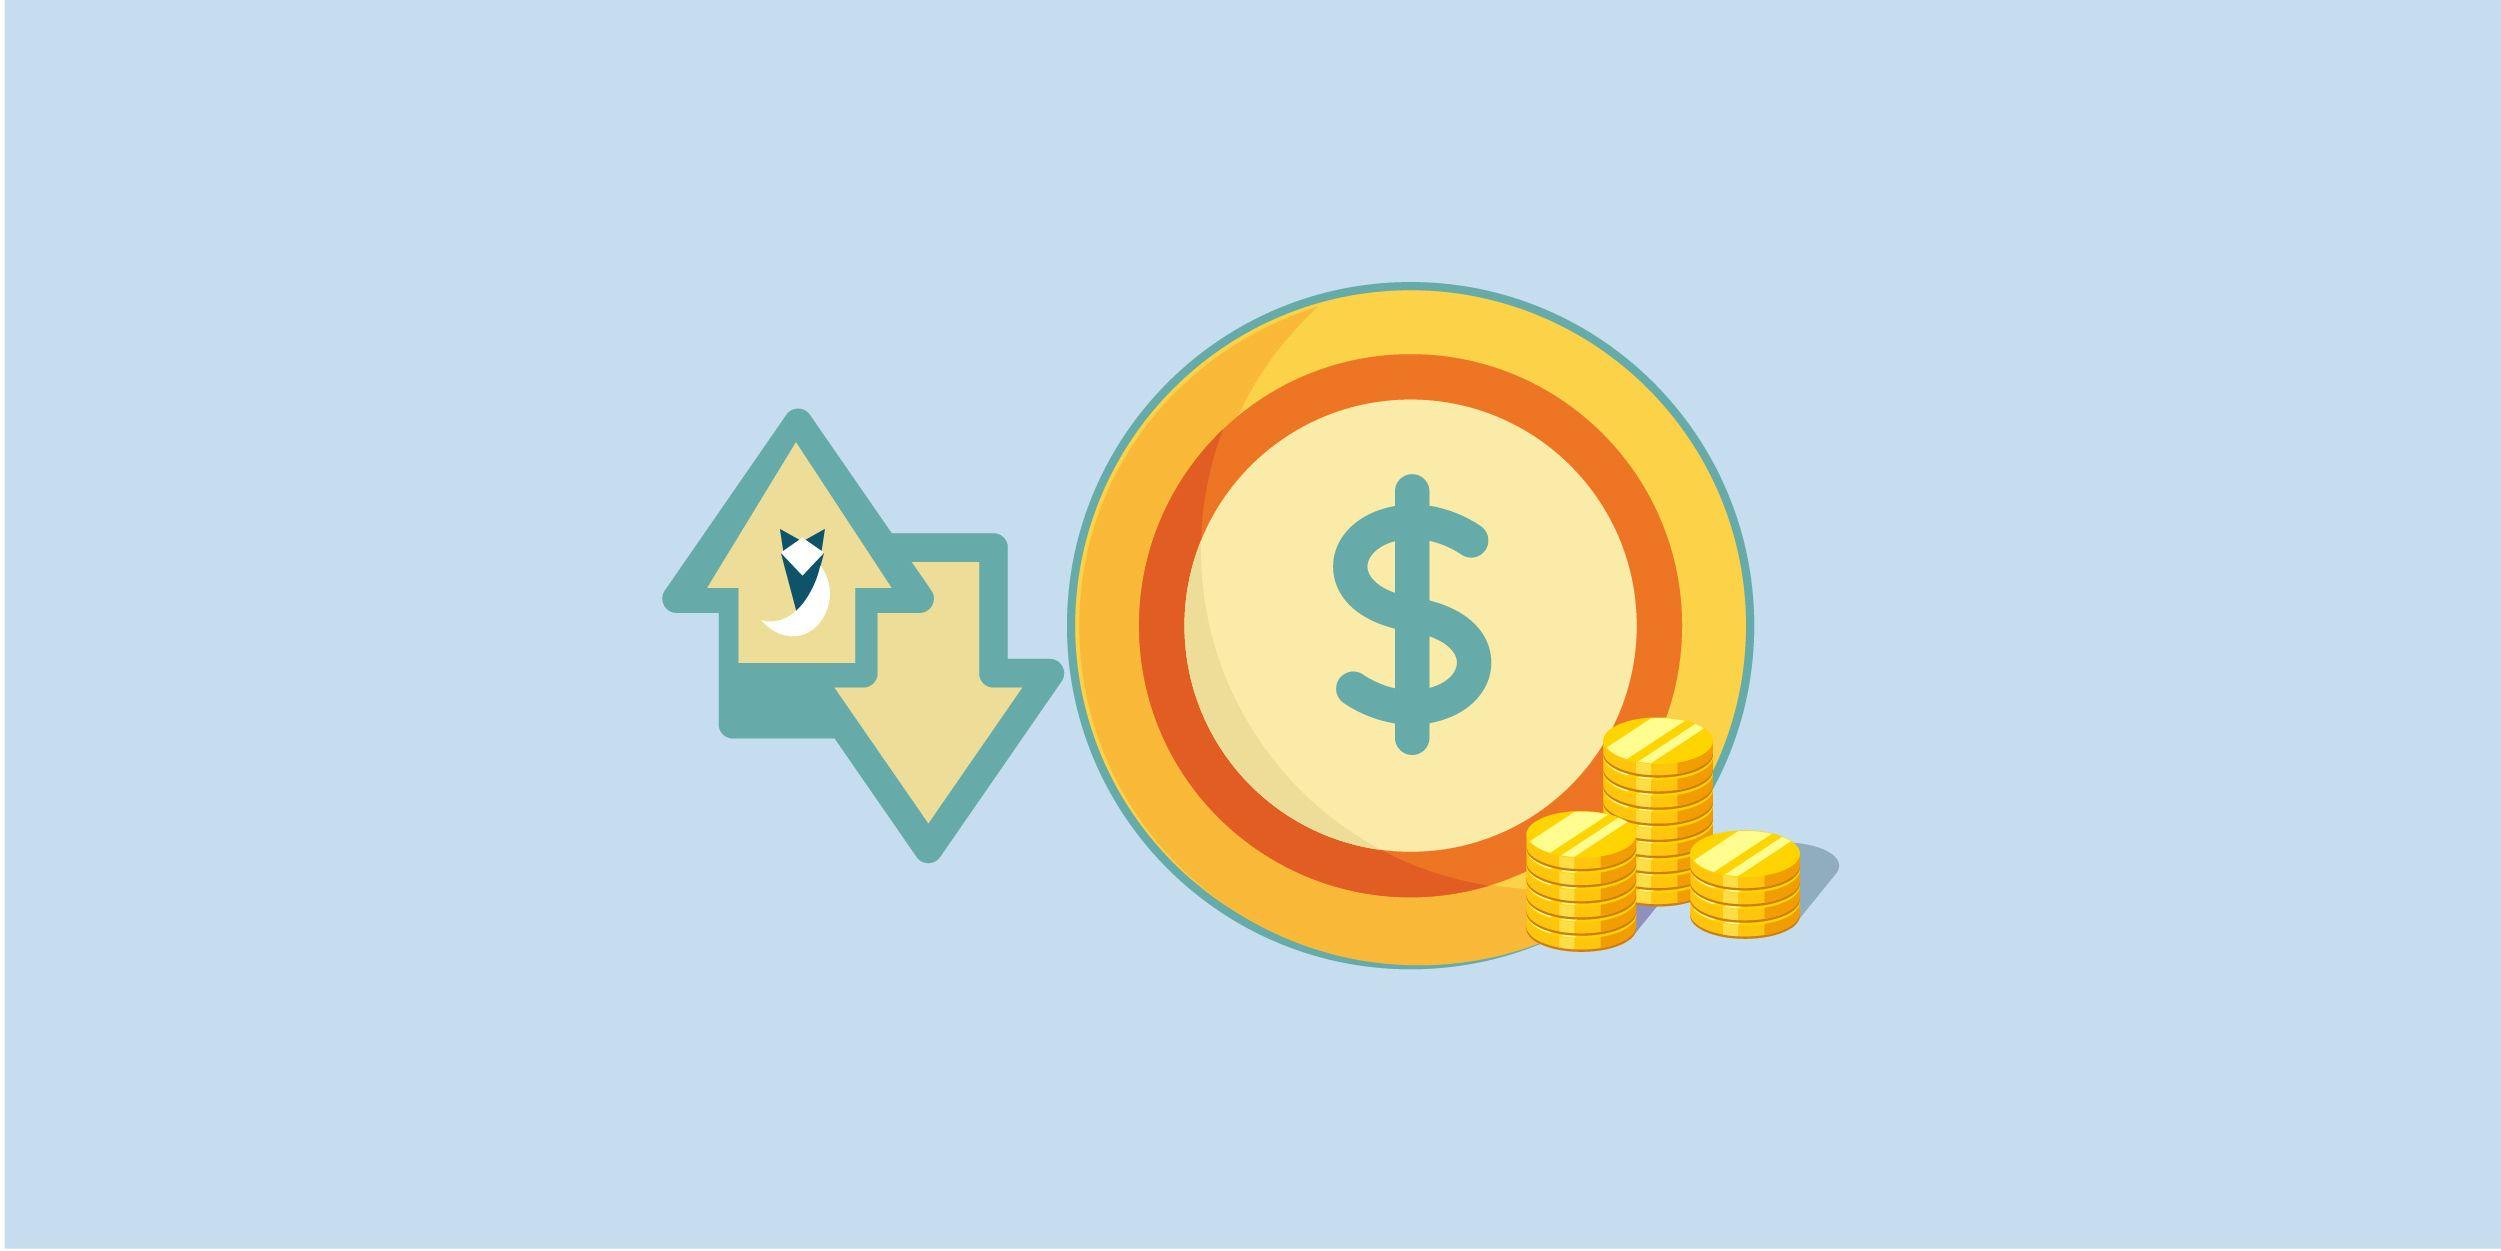 سعر الدولار في البنوك المصرية اليوم:  الثلاثاء 22 يونيو 2021